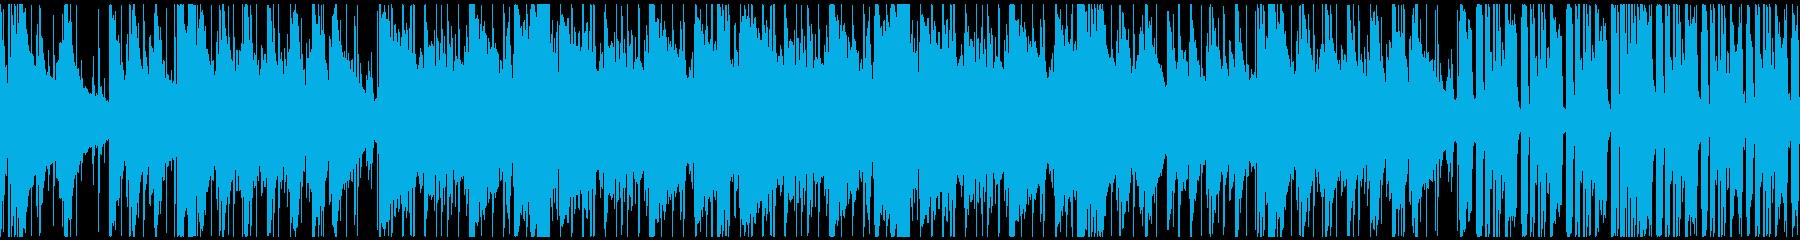 ピアノとフルートが主体の爽やかなBGMの再生済みの波形